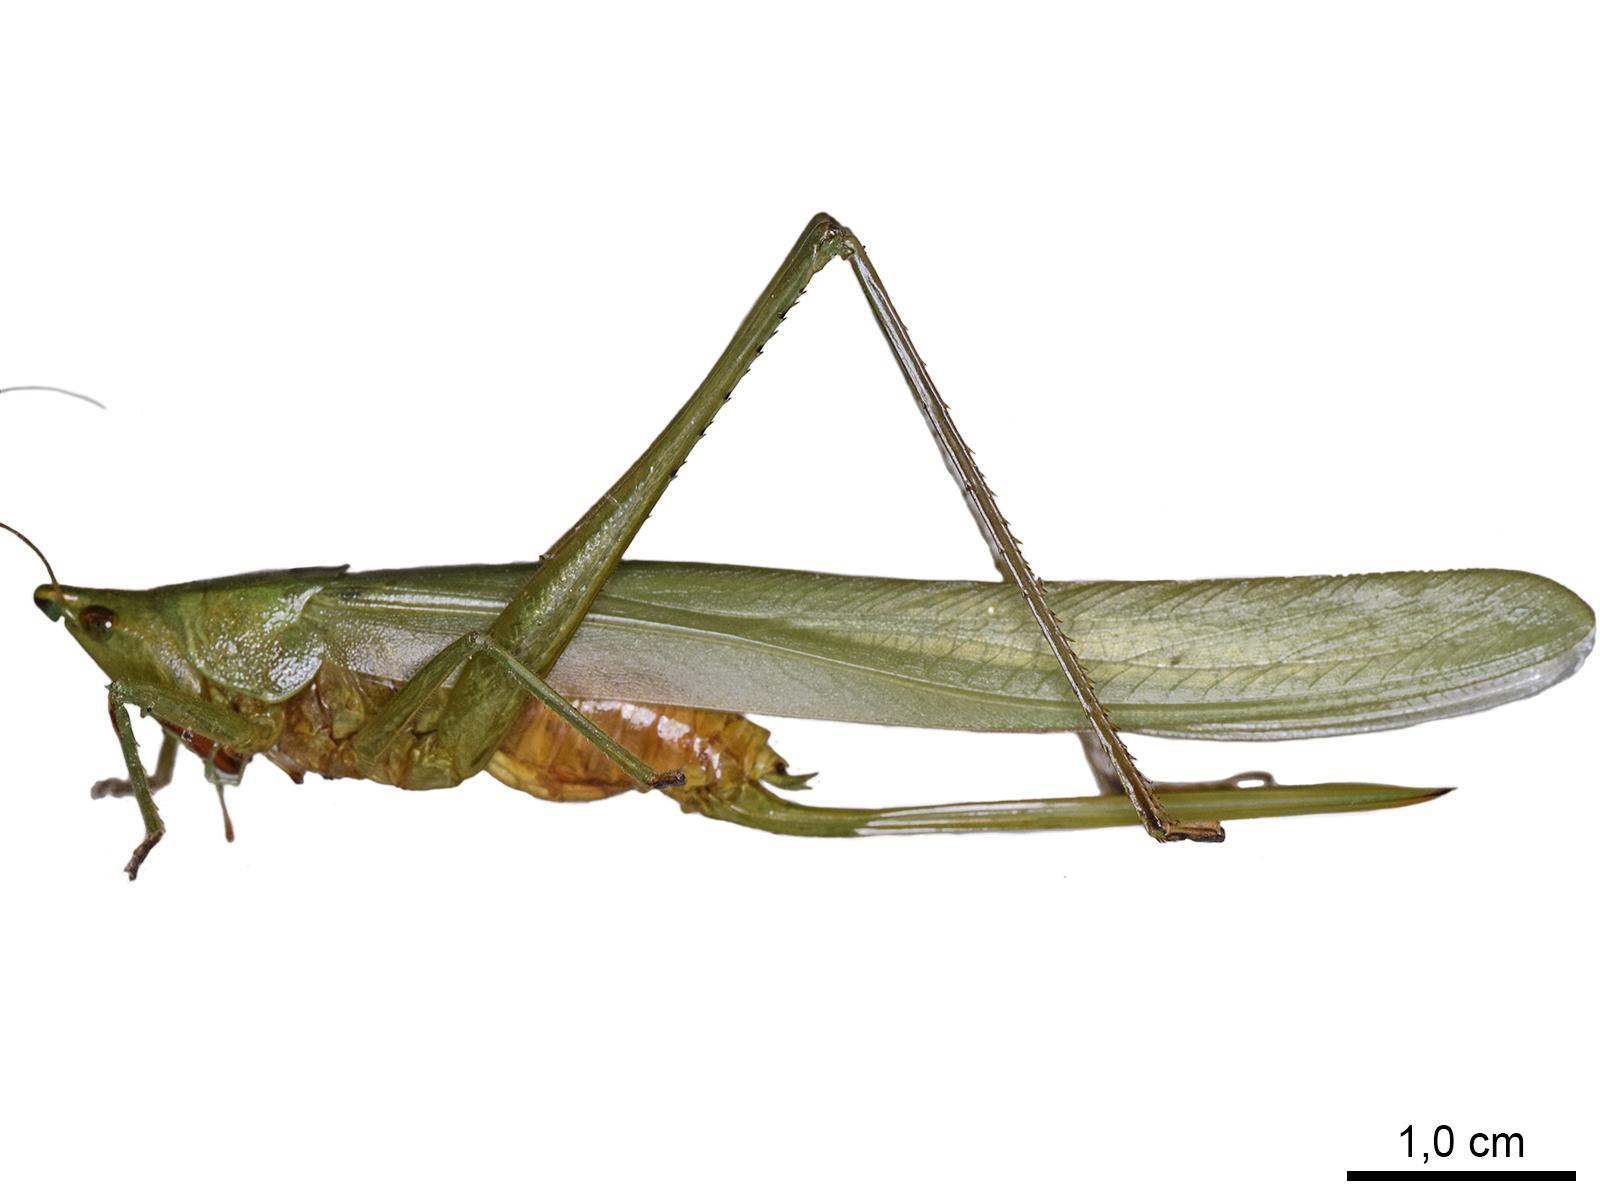 Neoconocephalus maxillosus (Fabricius, 1775)